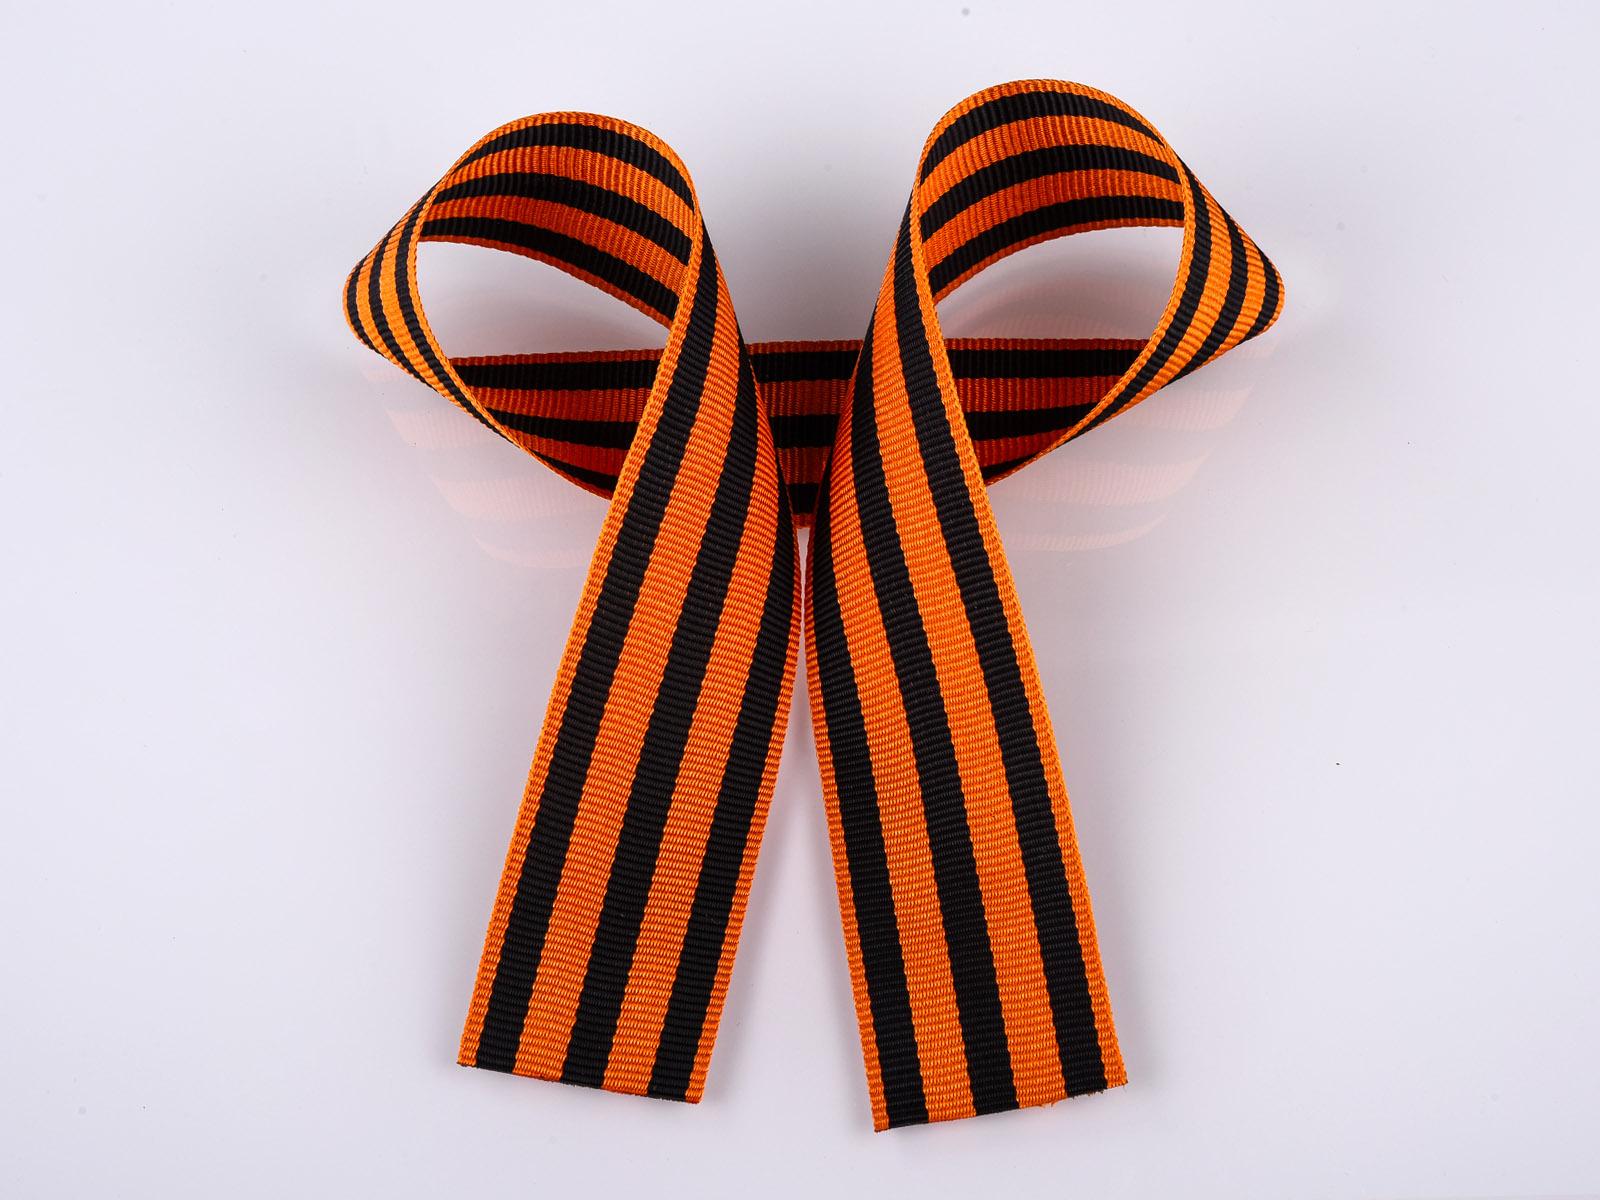 Георгиевская лента стала традиционным символом Победы в современной России